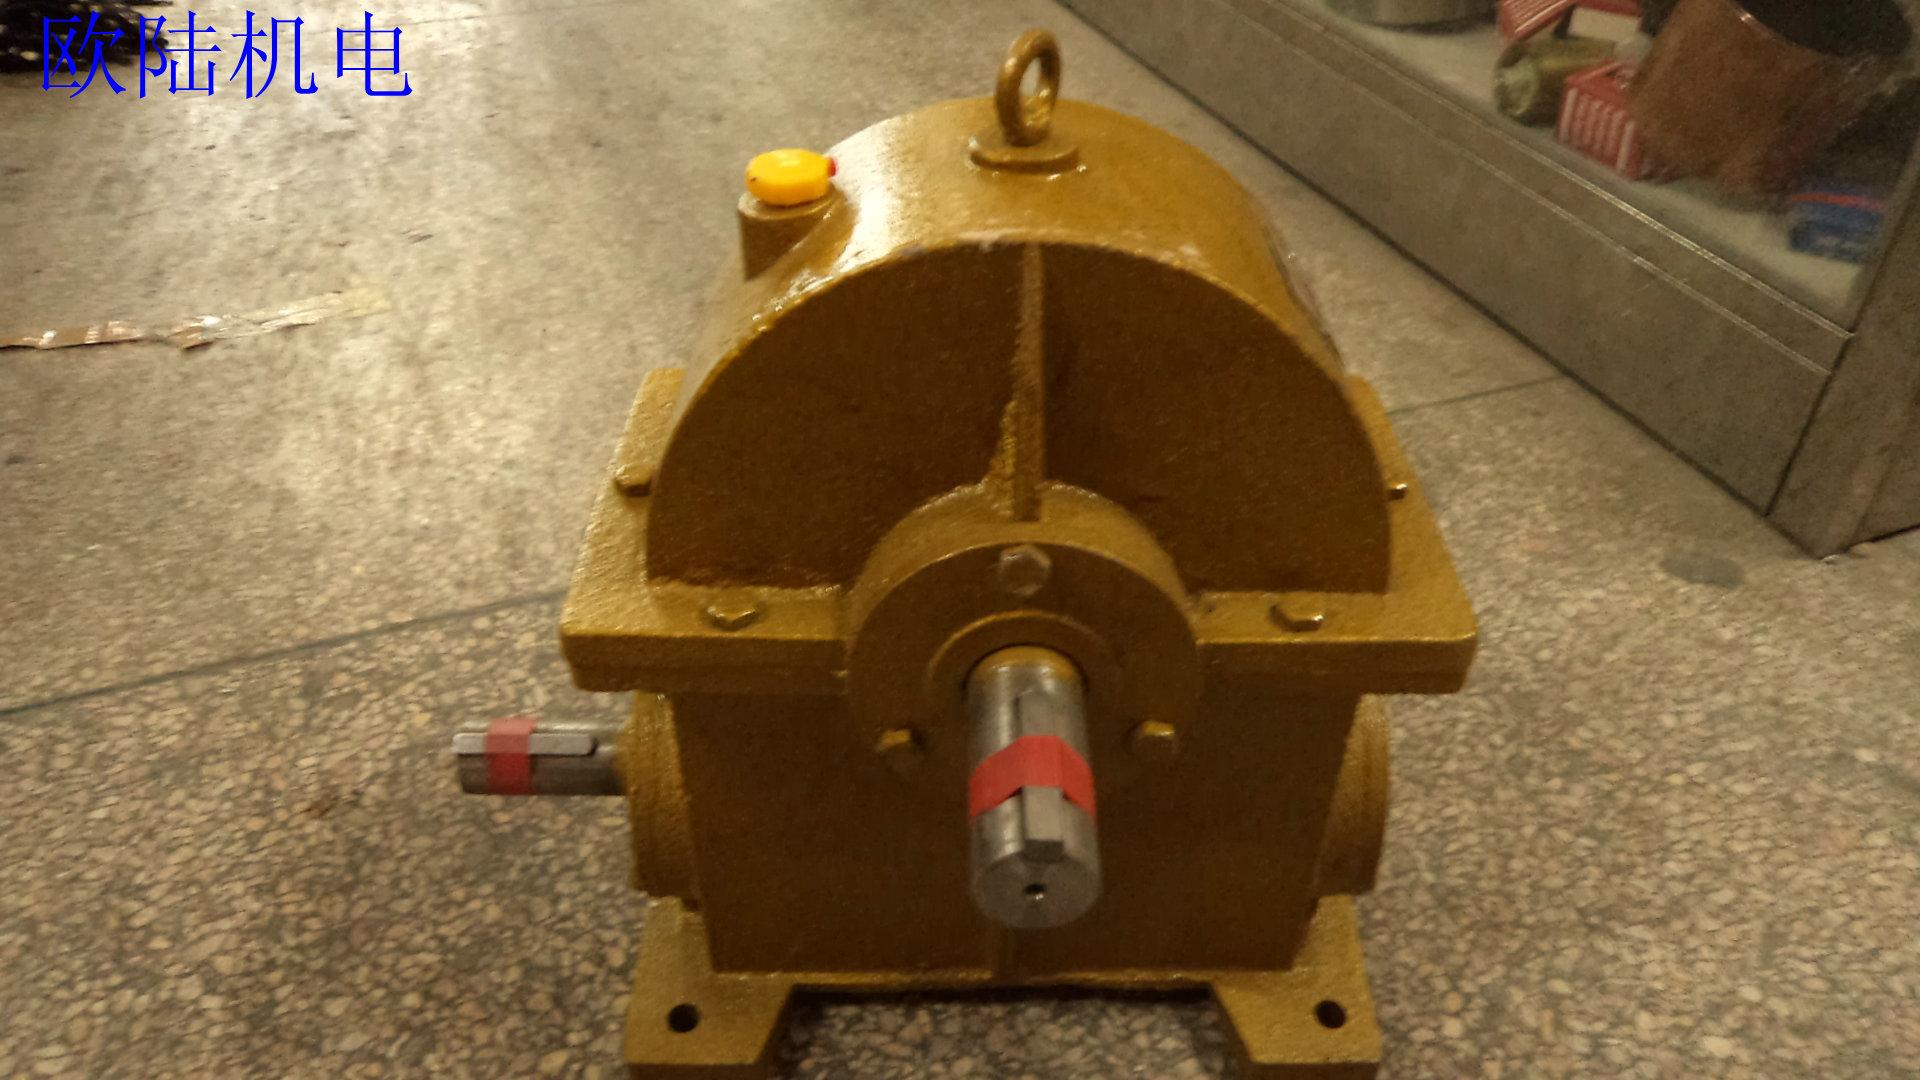 Червячный редуктор Changzhou Ou Kun transmission equipment co WD-3 -60 ou runzhe перегородка 4 6mm толстые железные волнистые шкафы гардероба отдельная полка белая среда 3 pack